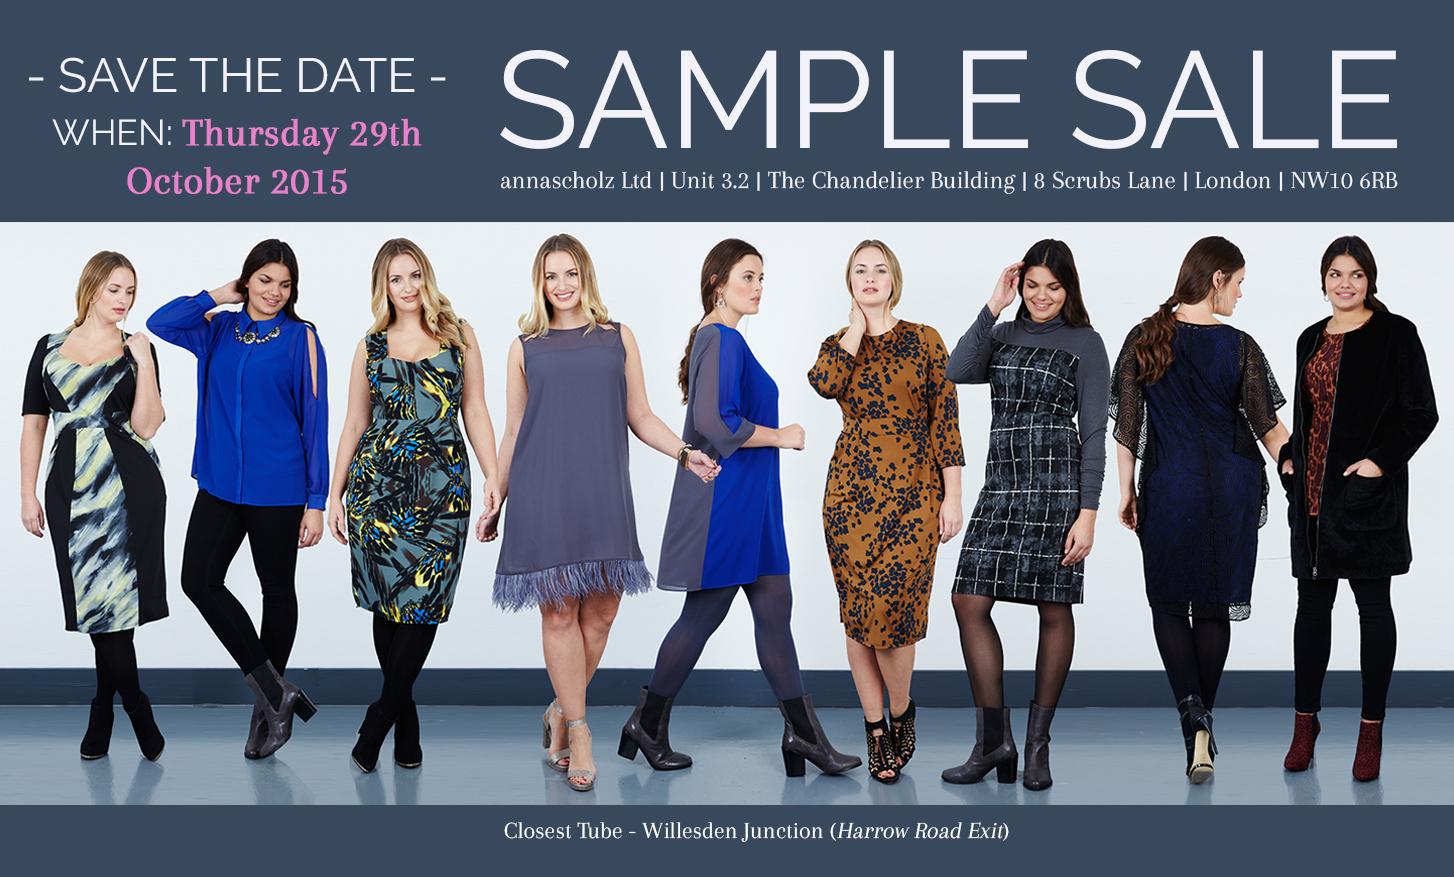 SAMPLE SALE 29 October 2015 BL